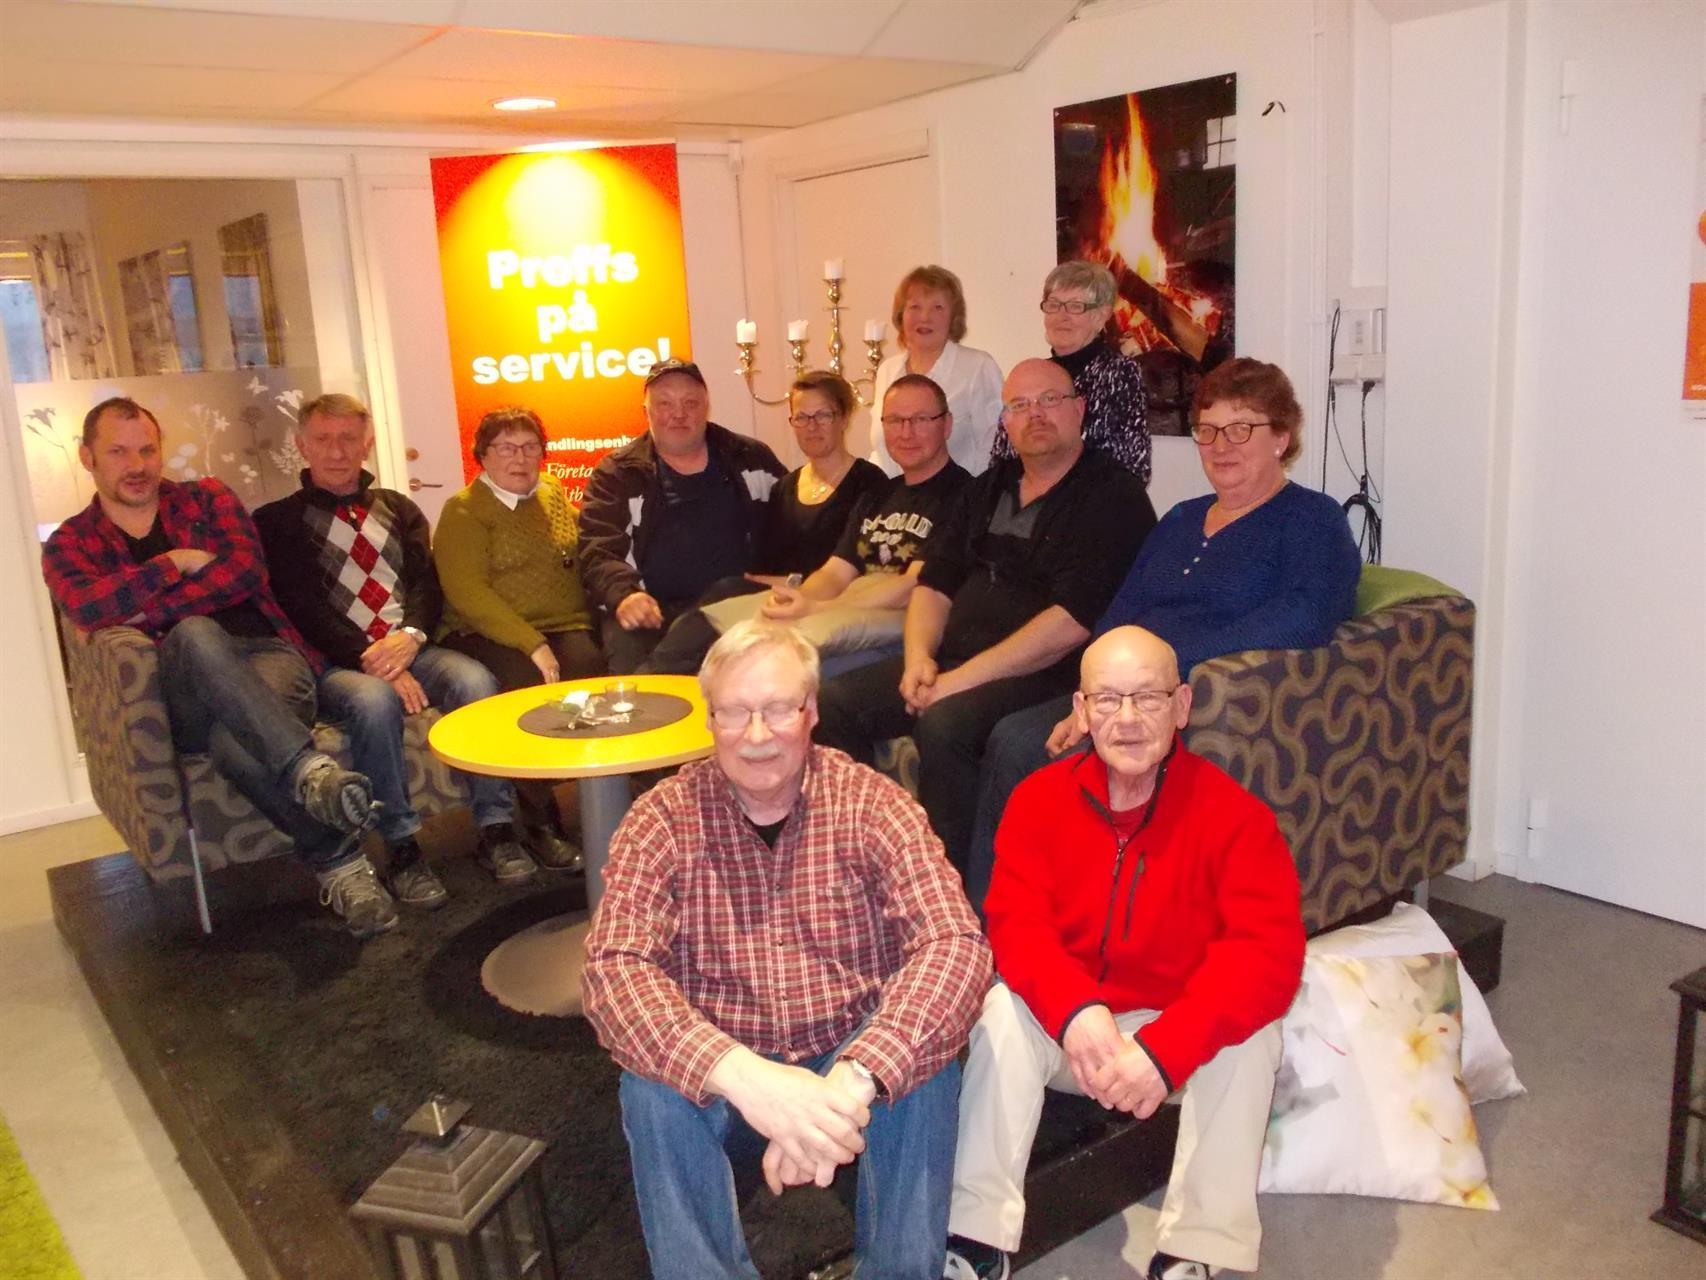 Årsmöte 2016 på Näringslivskontoret Timrå